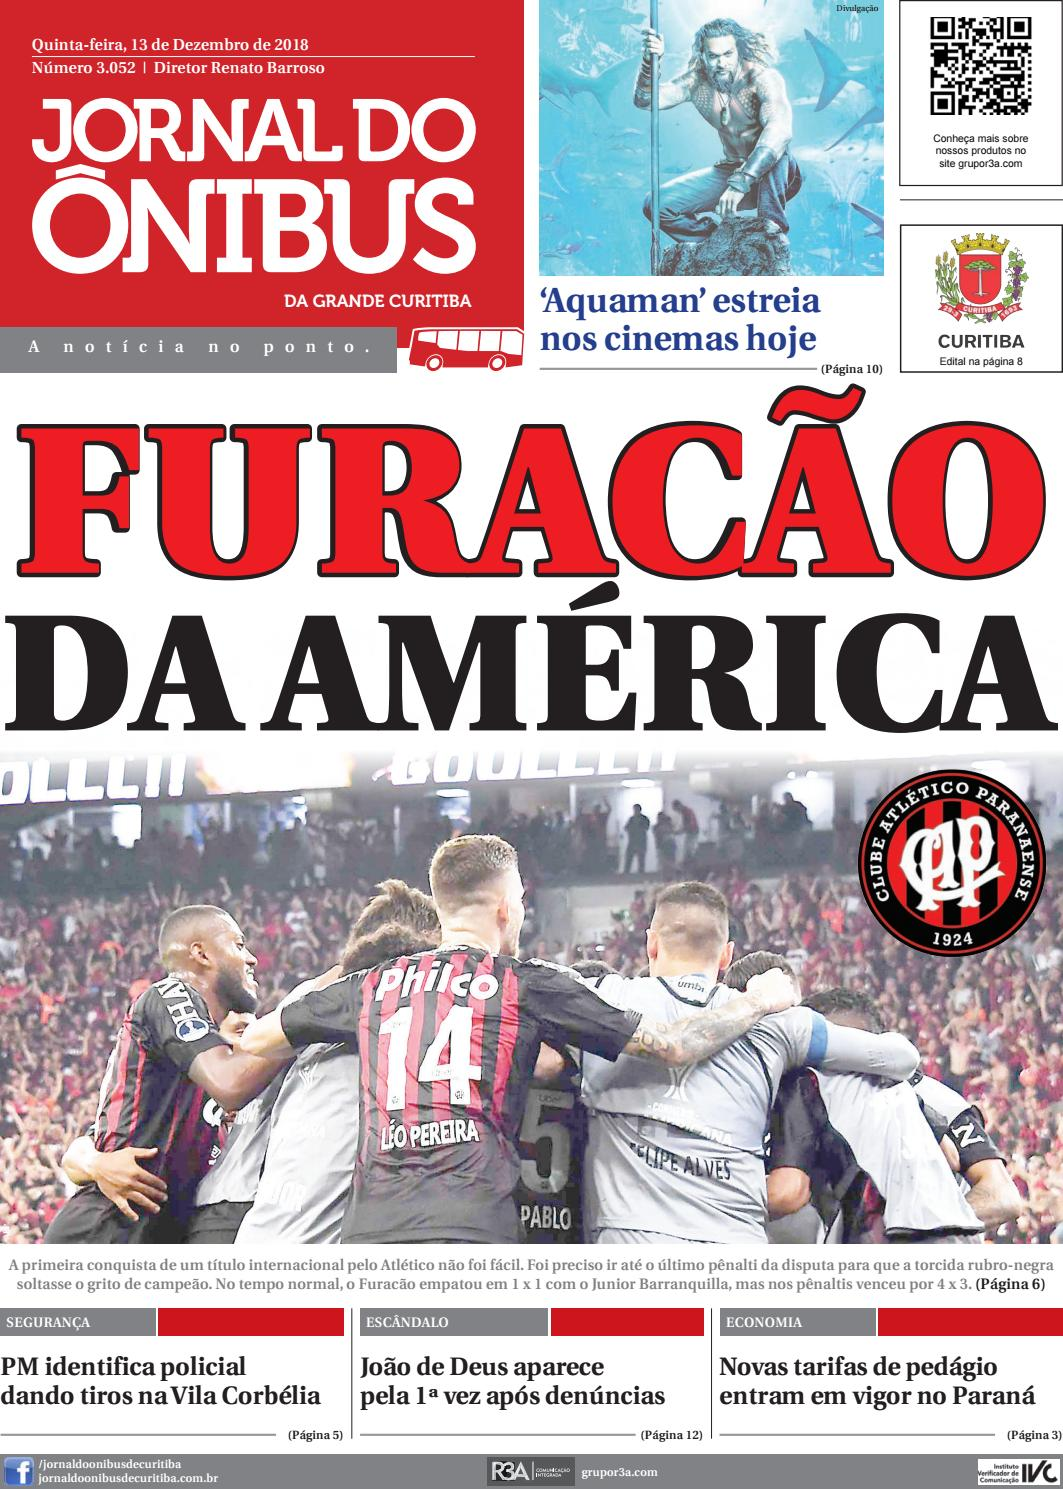 Jornal do Ônibus de Curitiba - 13/12/18 by Editora Correio